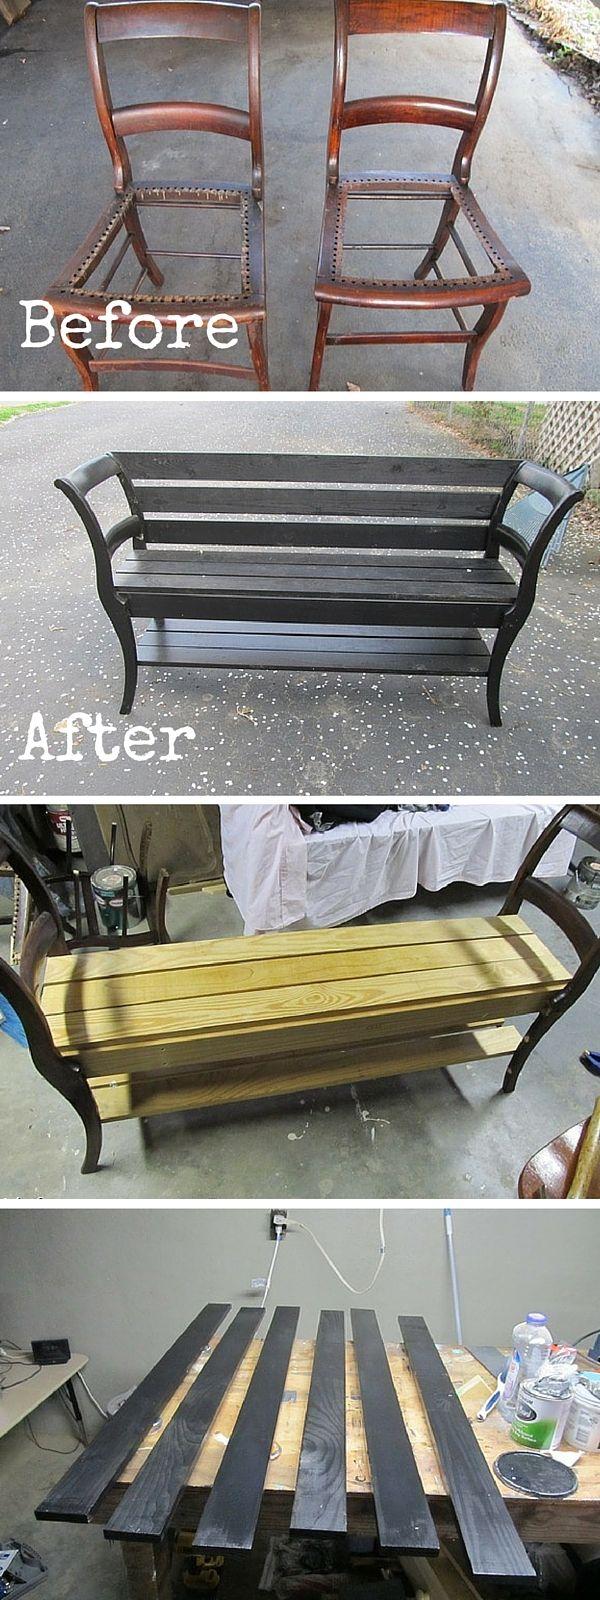 Bygg ensoffa av två stolar och plankor